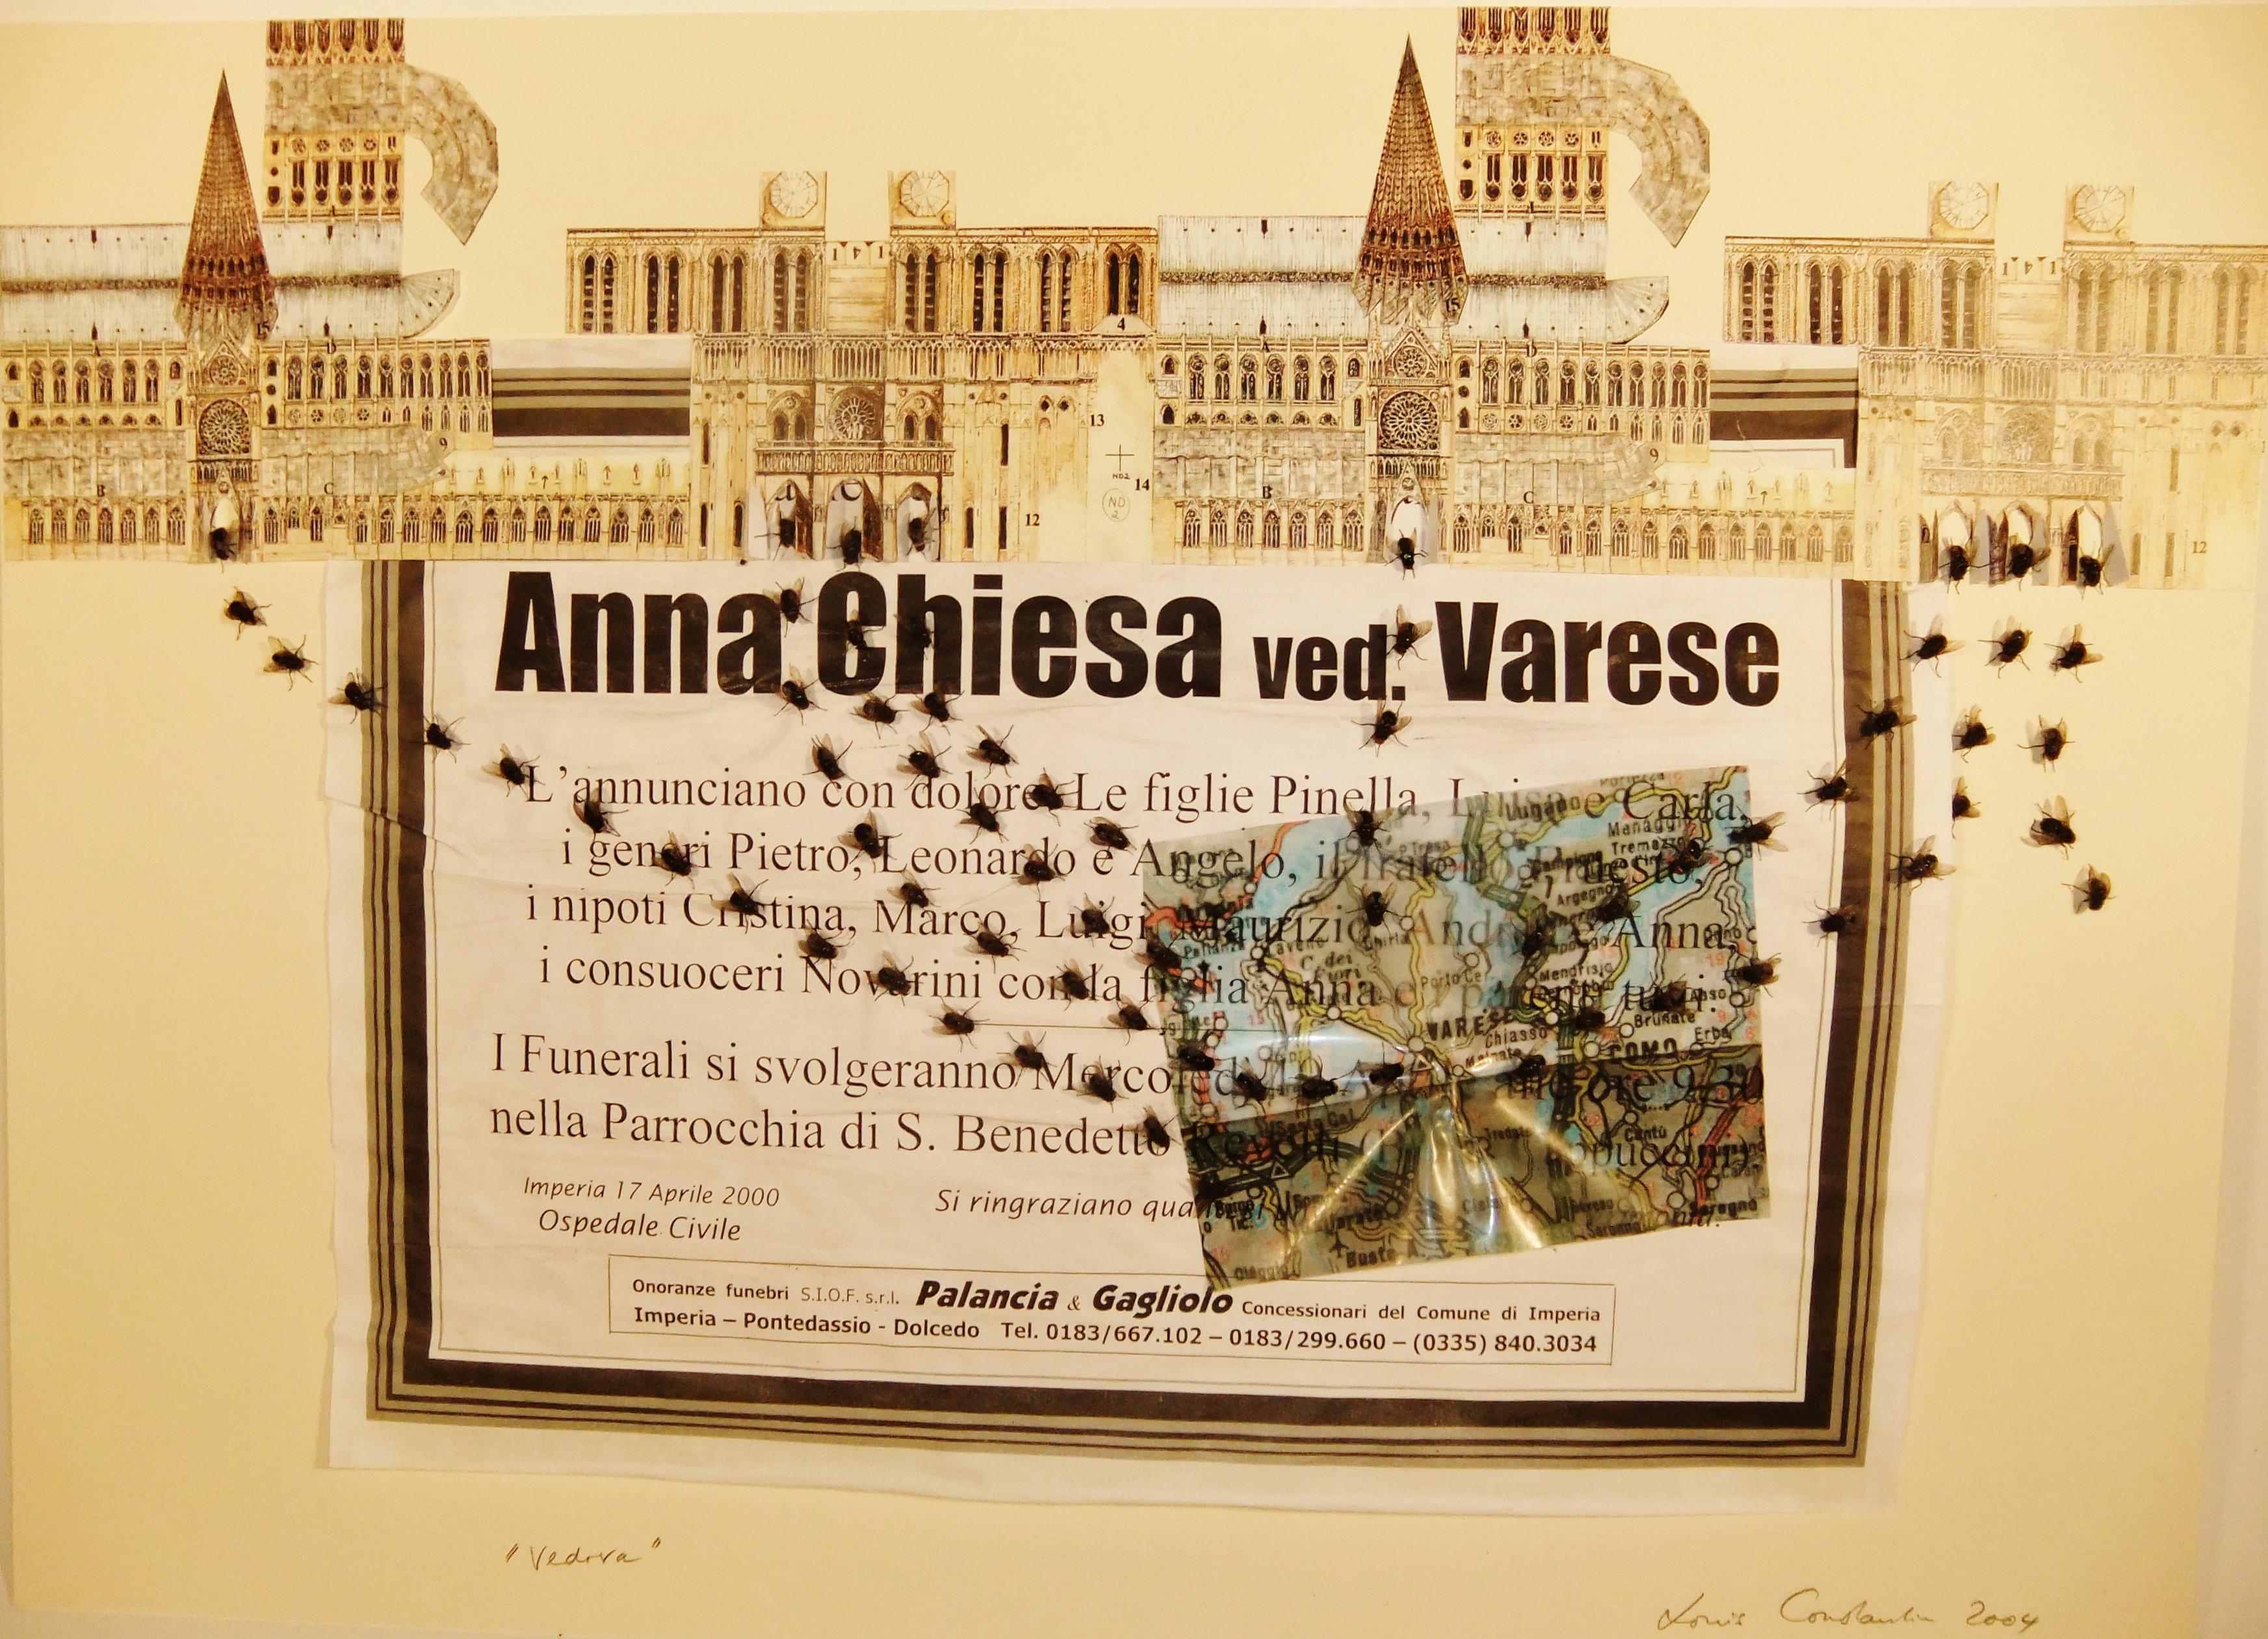 Anna Chiesa